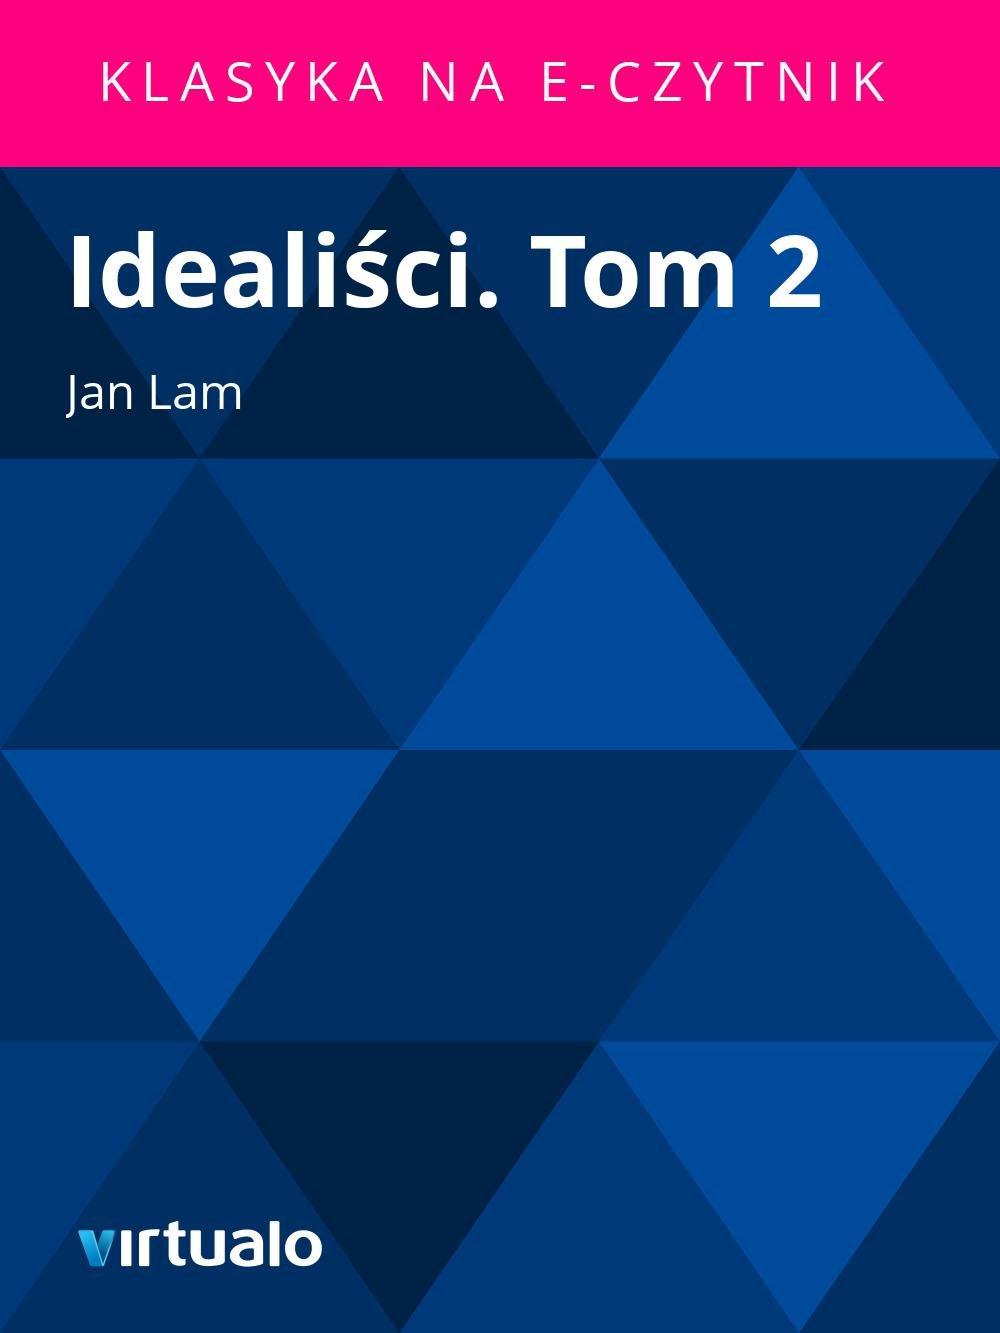 Idealiści. Tom 2 - Ebook (Książka EPUB) do pobrania w formacie EPUB